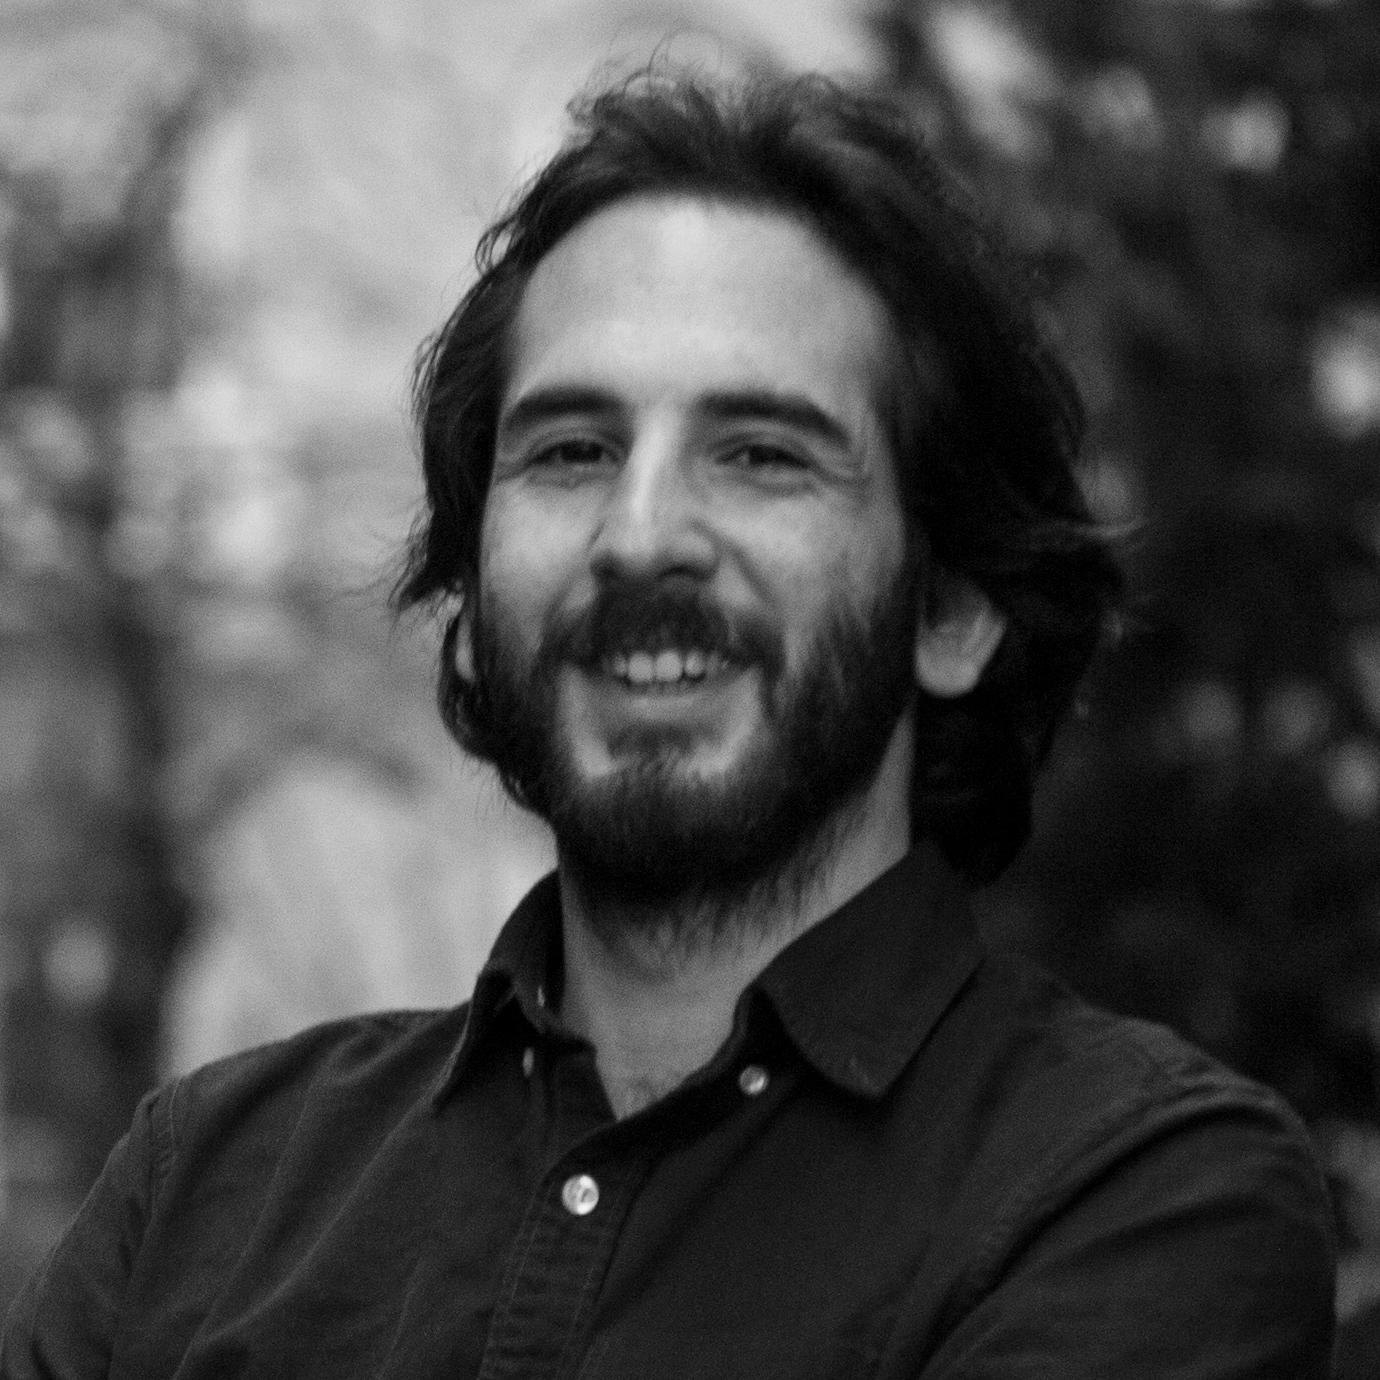 Deniz Tortum - Co-Founder, Institute of Time